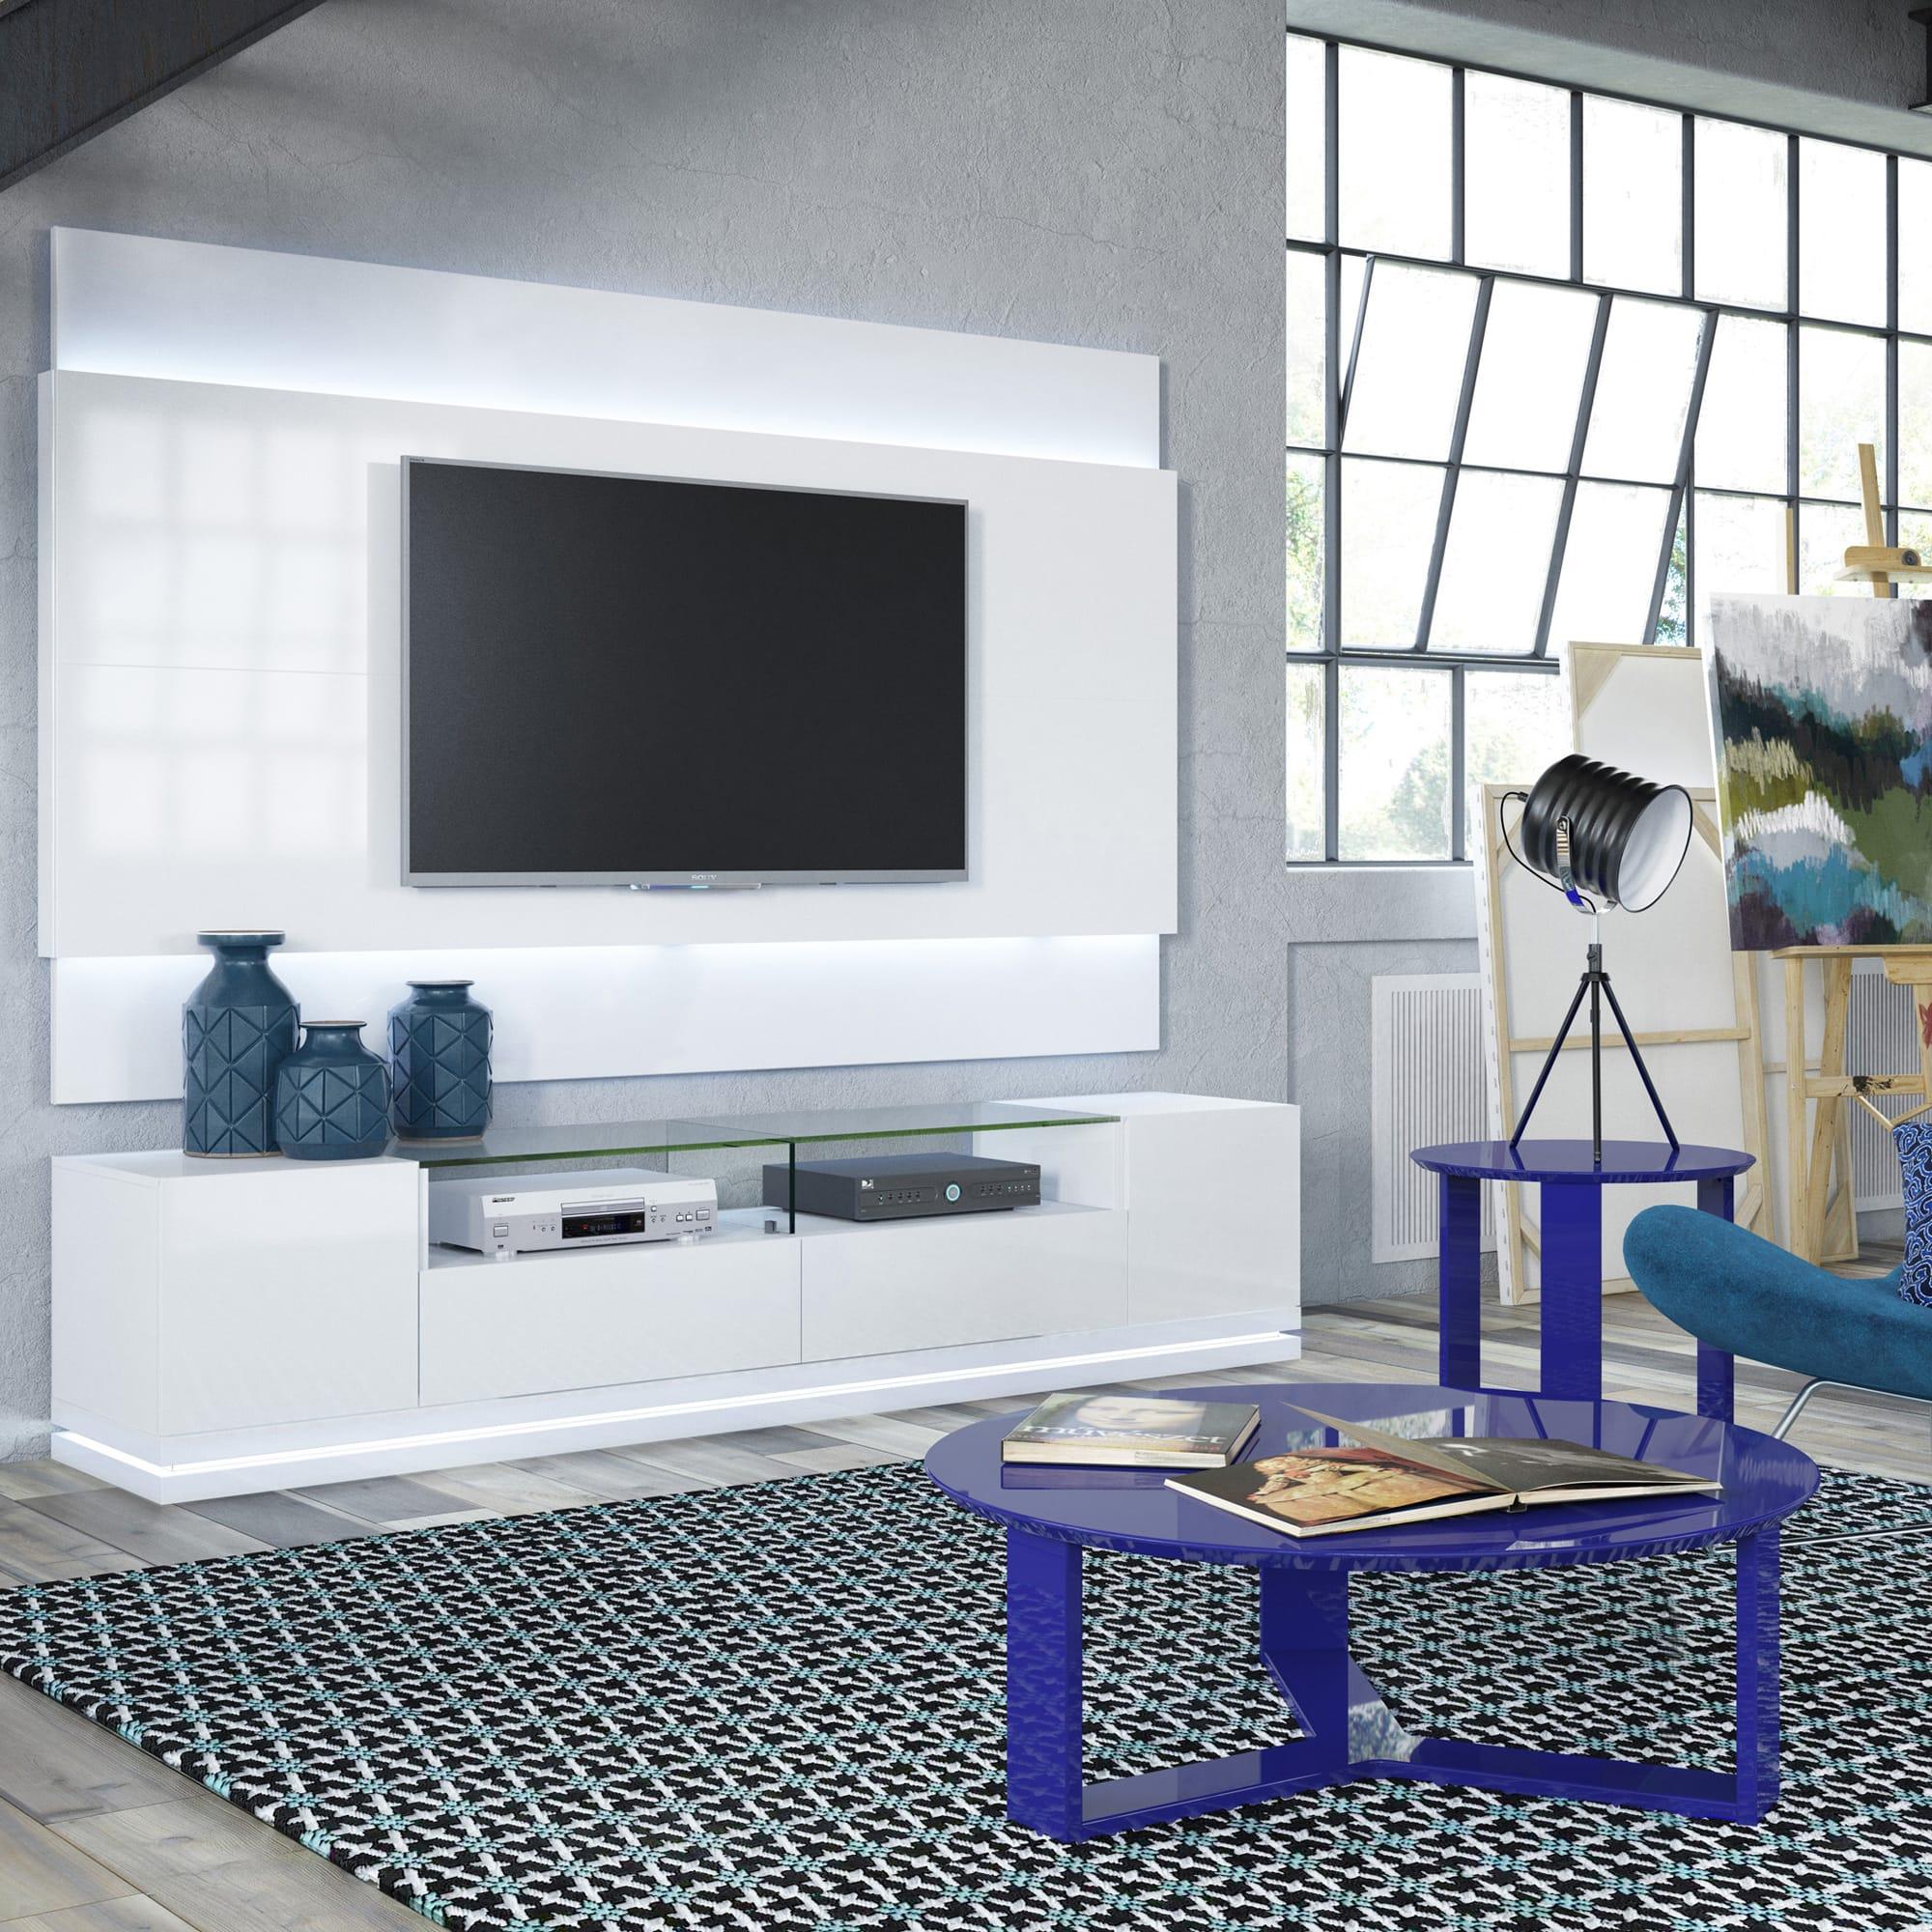 Vanderbilt White Gloss TV Stand & 2 2 Floating Wall TV Panel w LED